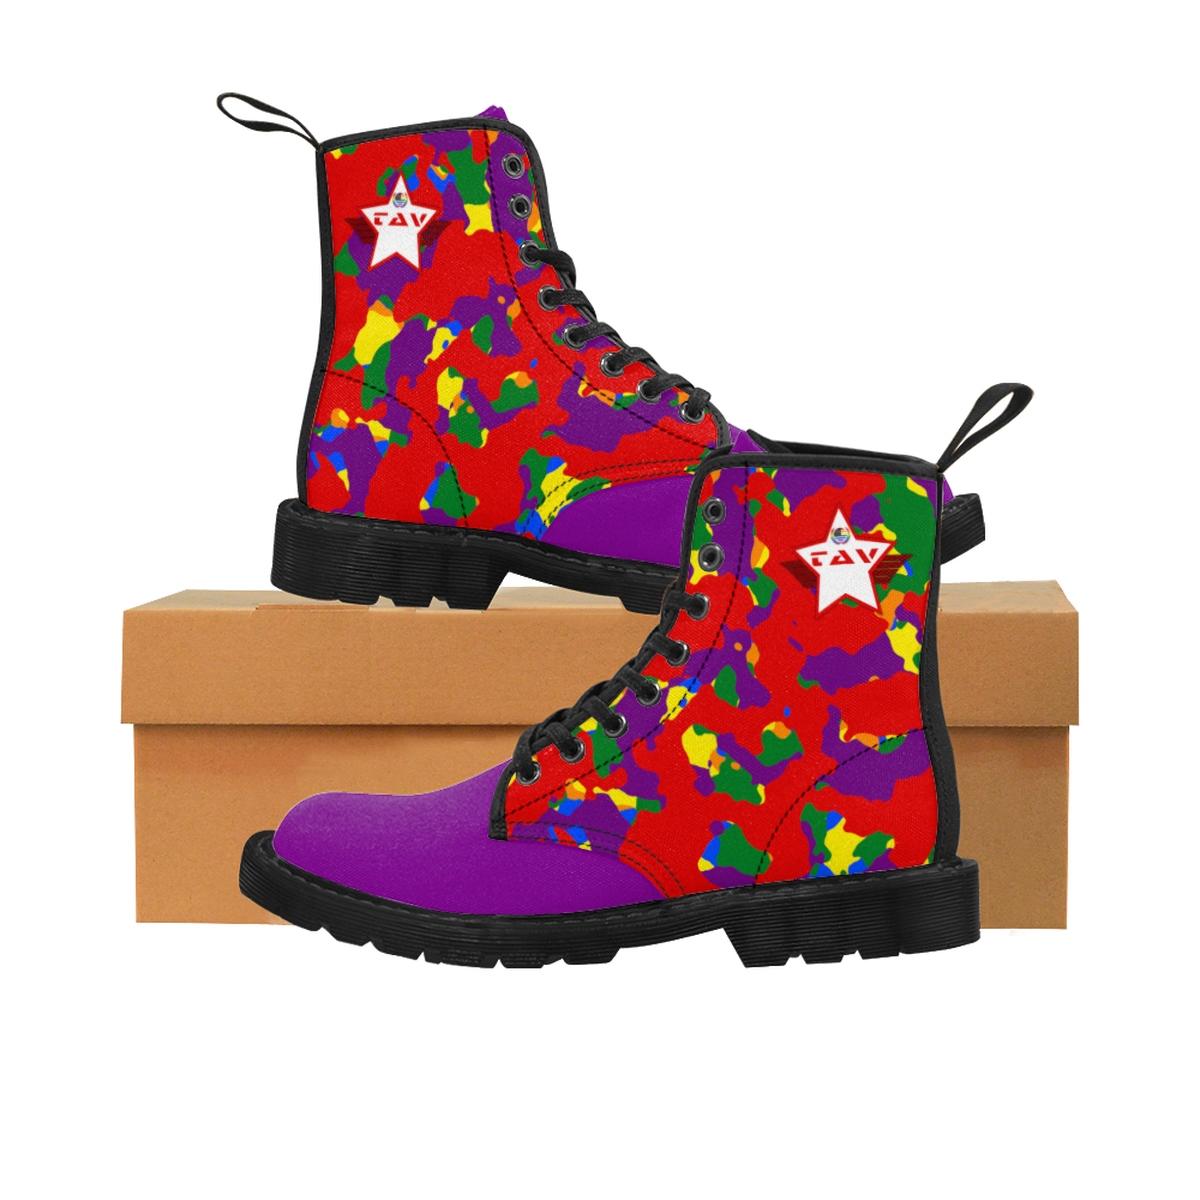 Women's Partial Pride Red Camo & Purple Canvas Boots – Red & White TAV Pride Shield